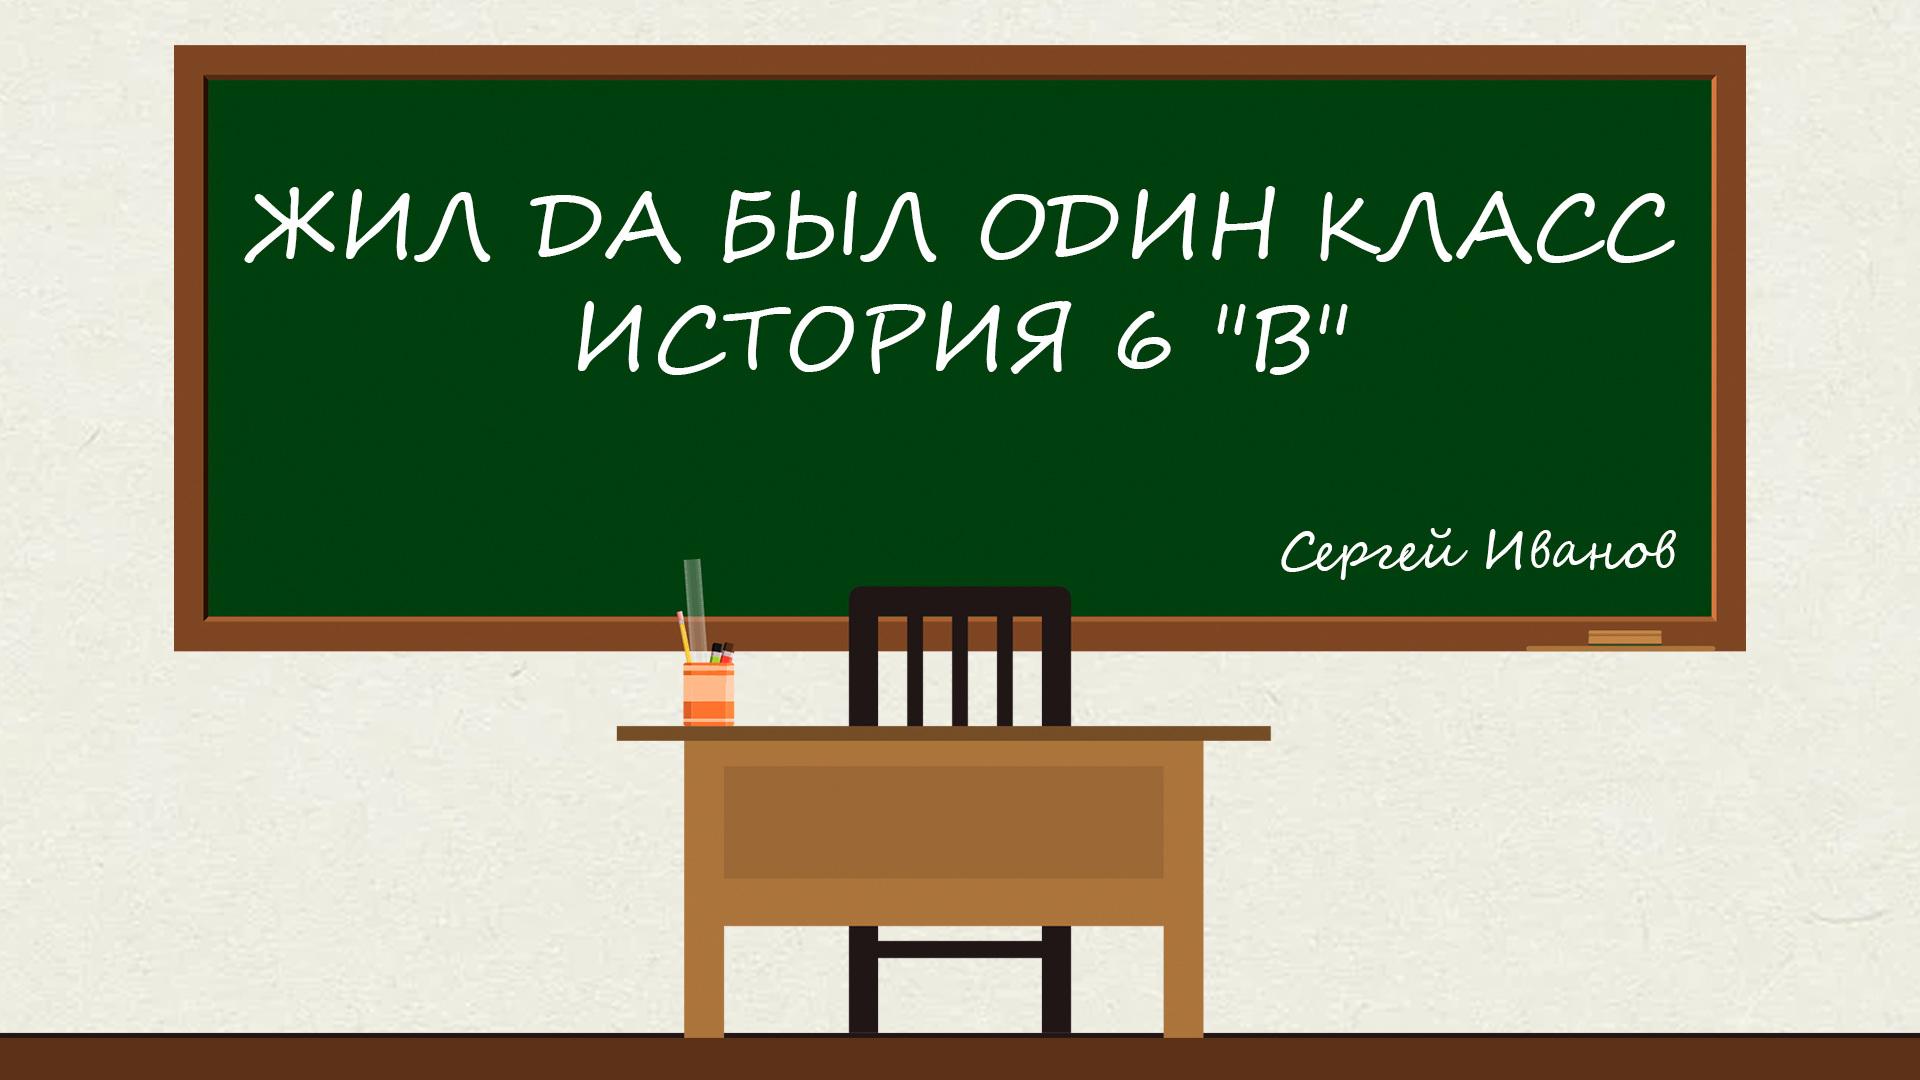 """Сергей Иванов. Жил да был один класс (История 6 """"В"""")"""